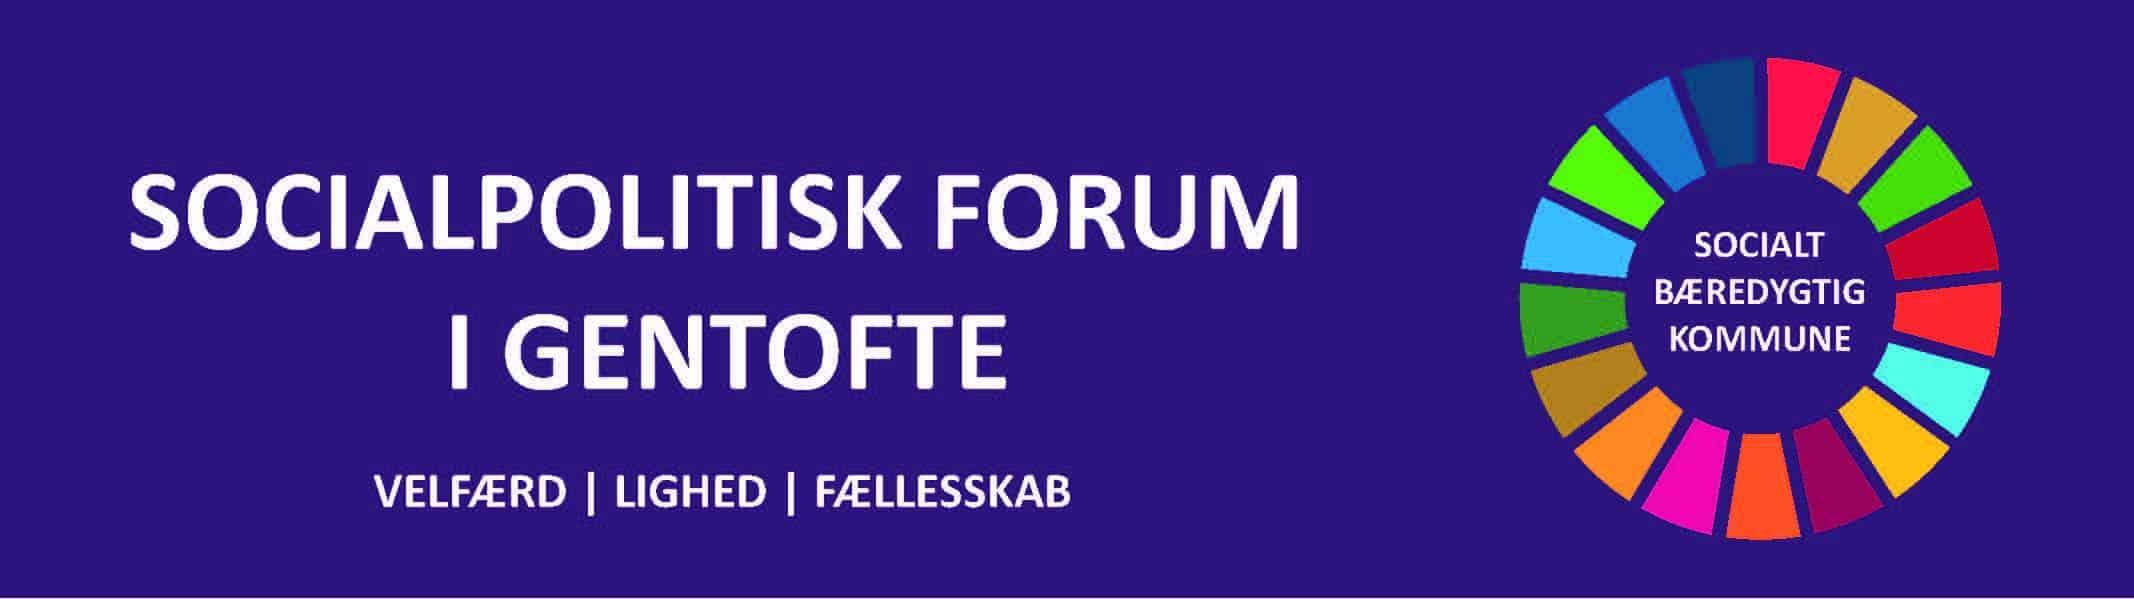 Socialpolitisk Forum